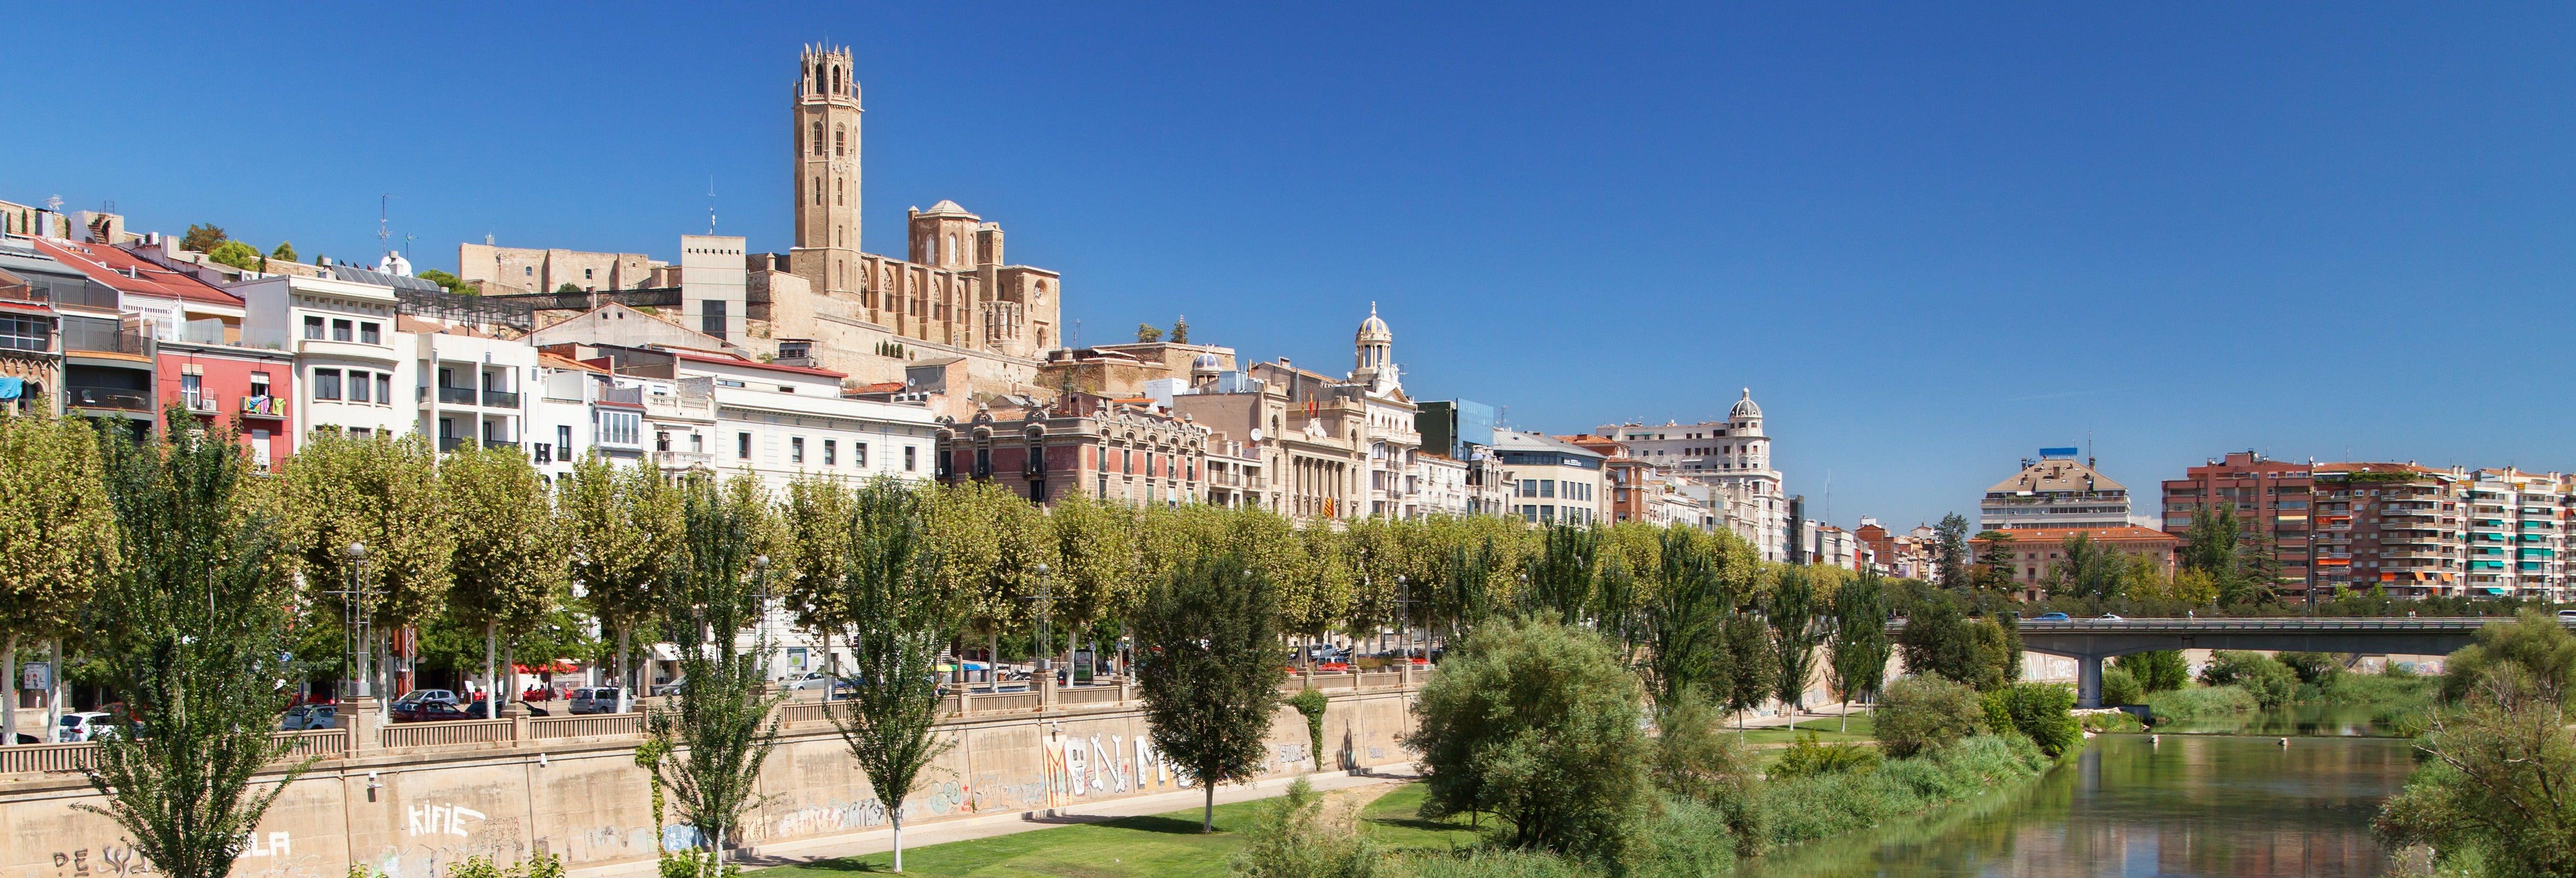 Visita guiada por Lleida